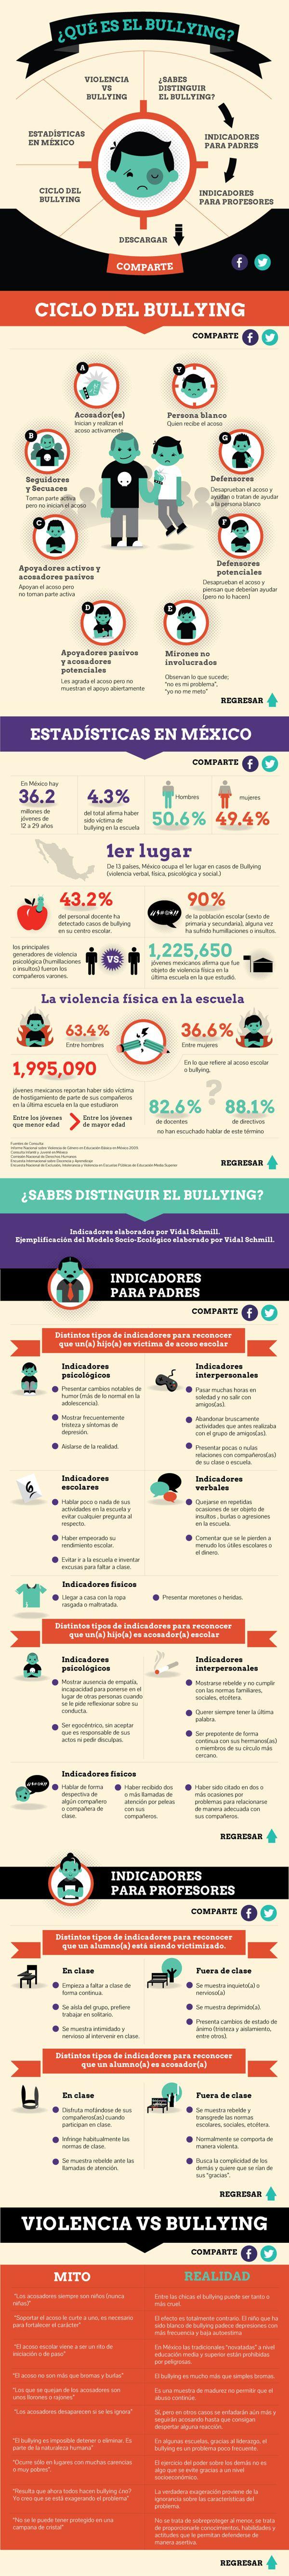 Para evitar el bullying, pon atención en estas señales, porque no sólo hay victimas, también victimarios.